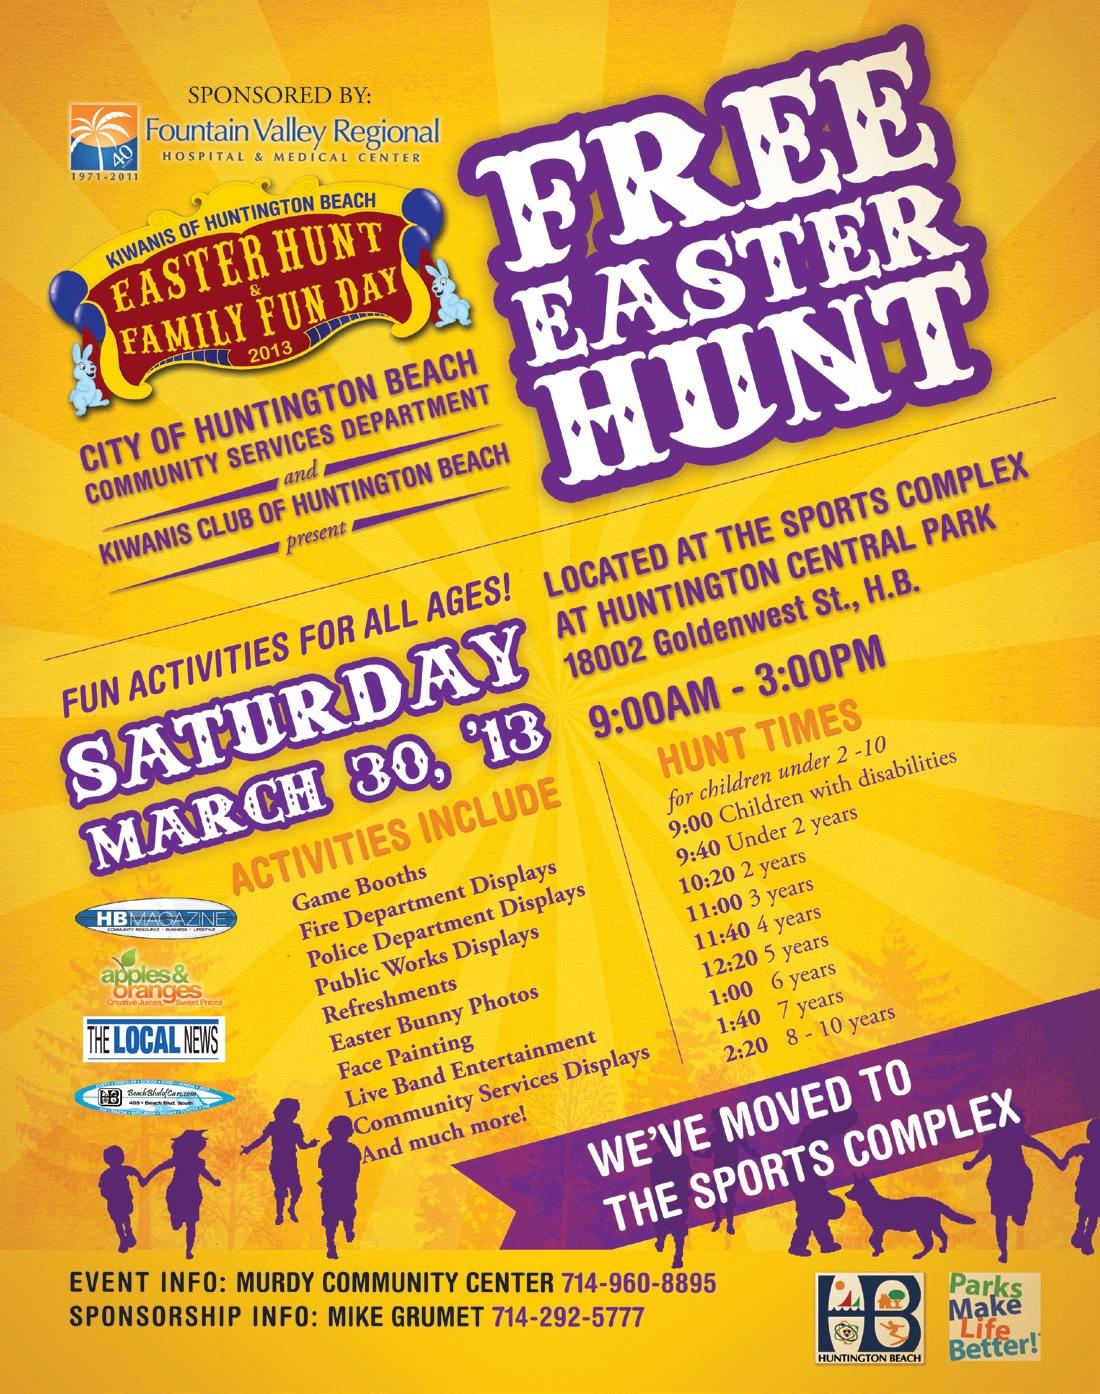 Huntington Beach Easter Egg Hunt